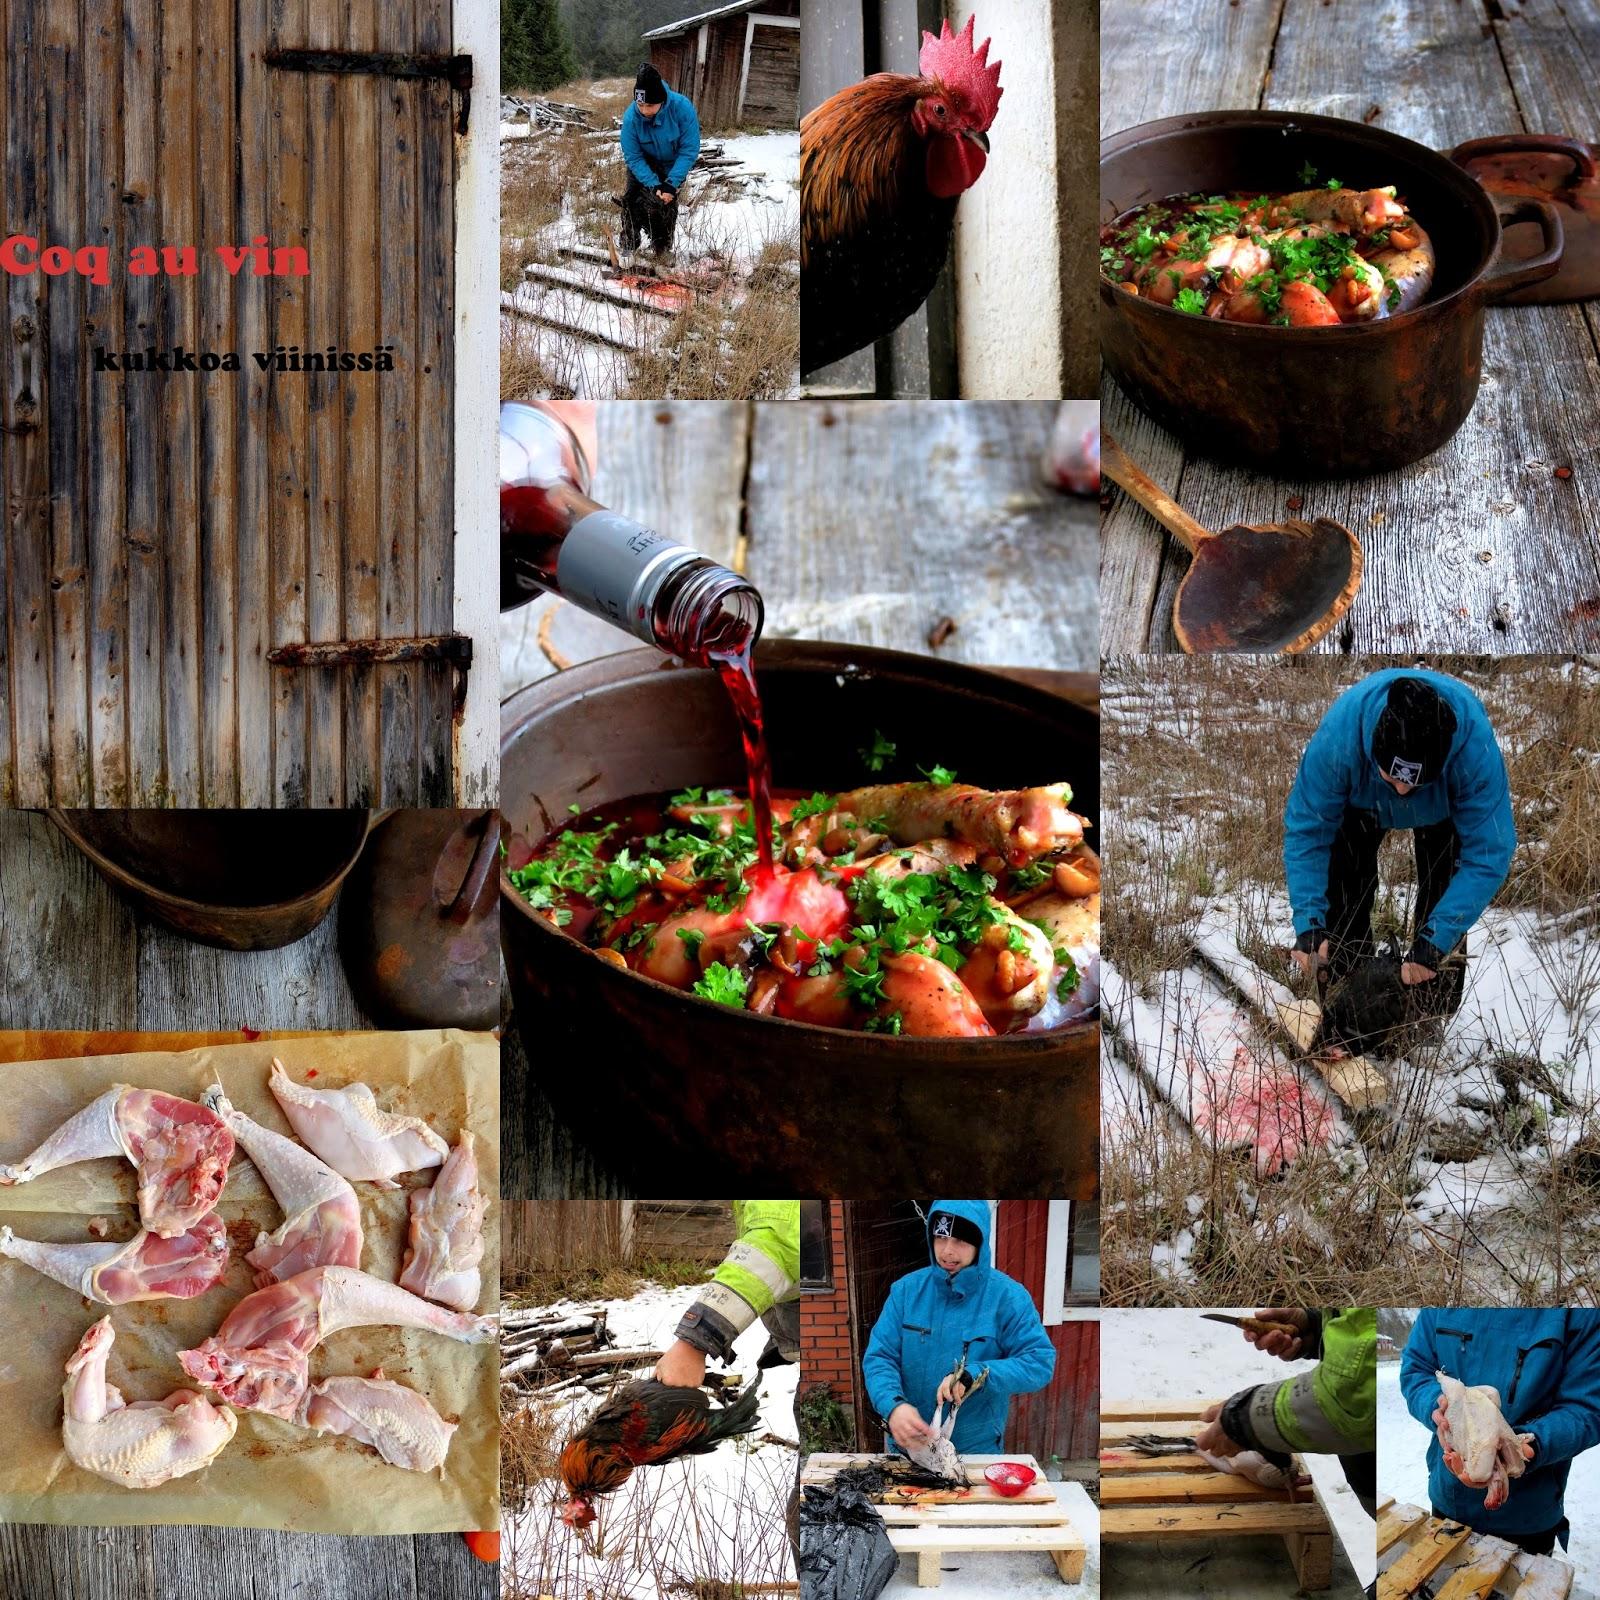 viinissä haudutettu kana